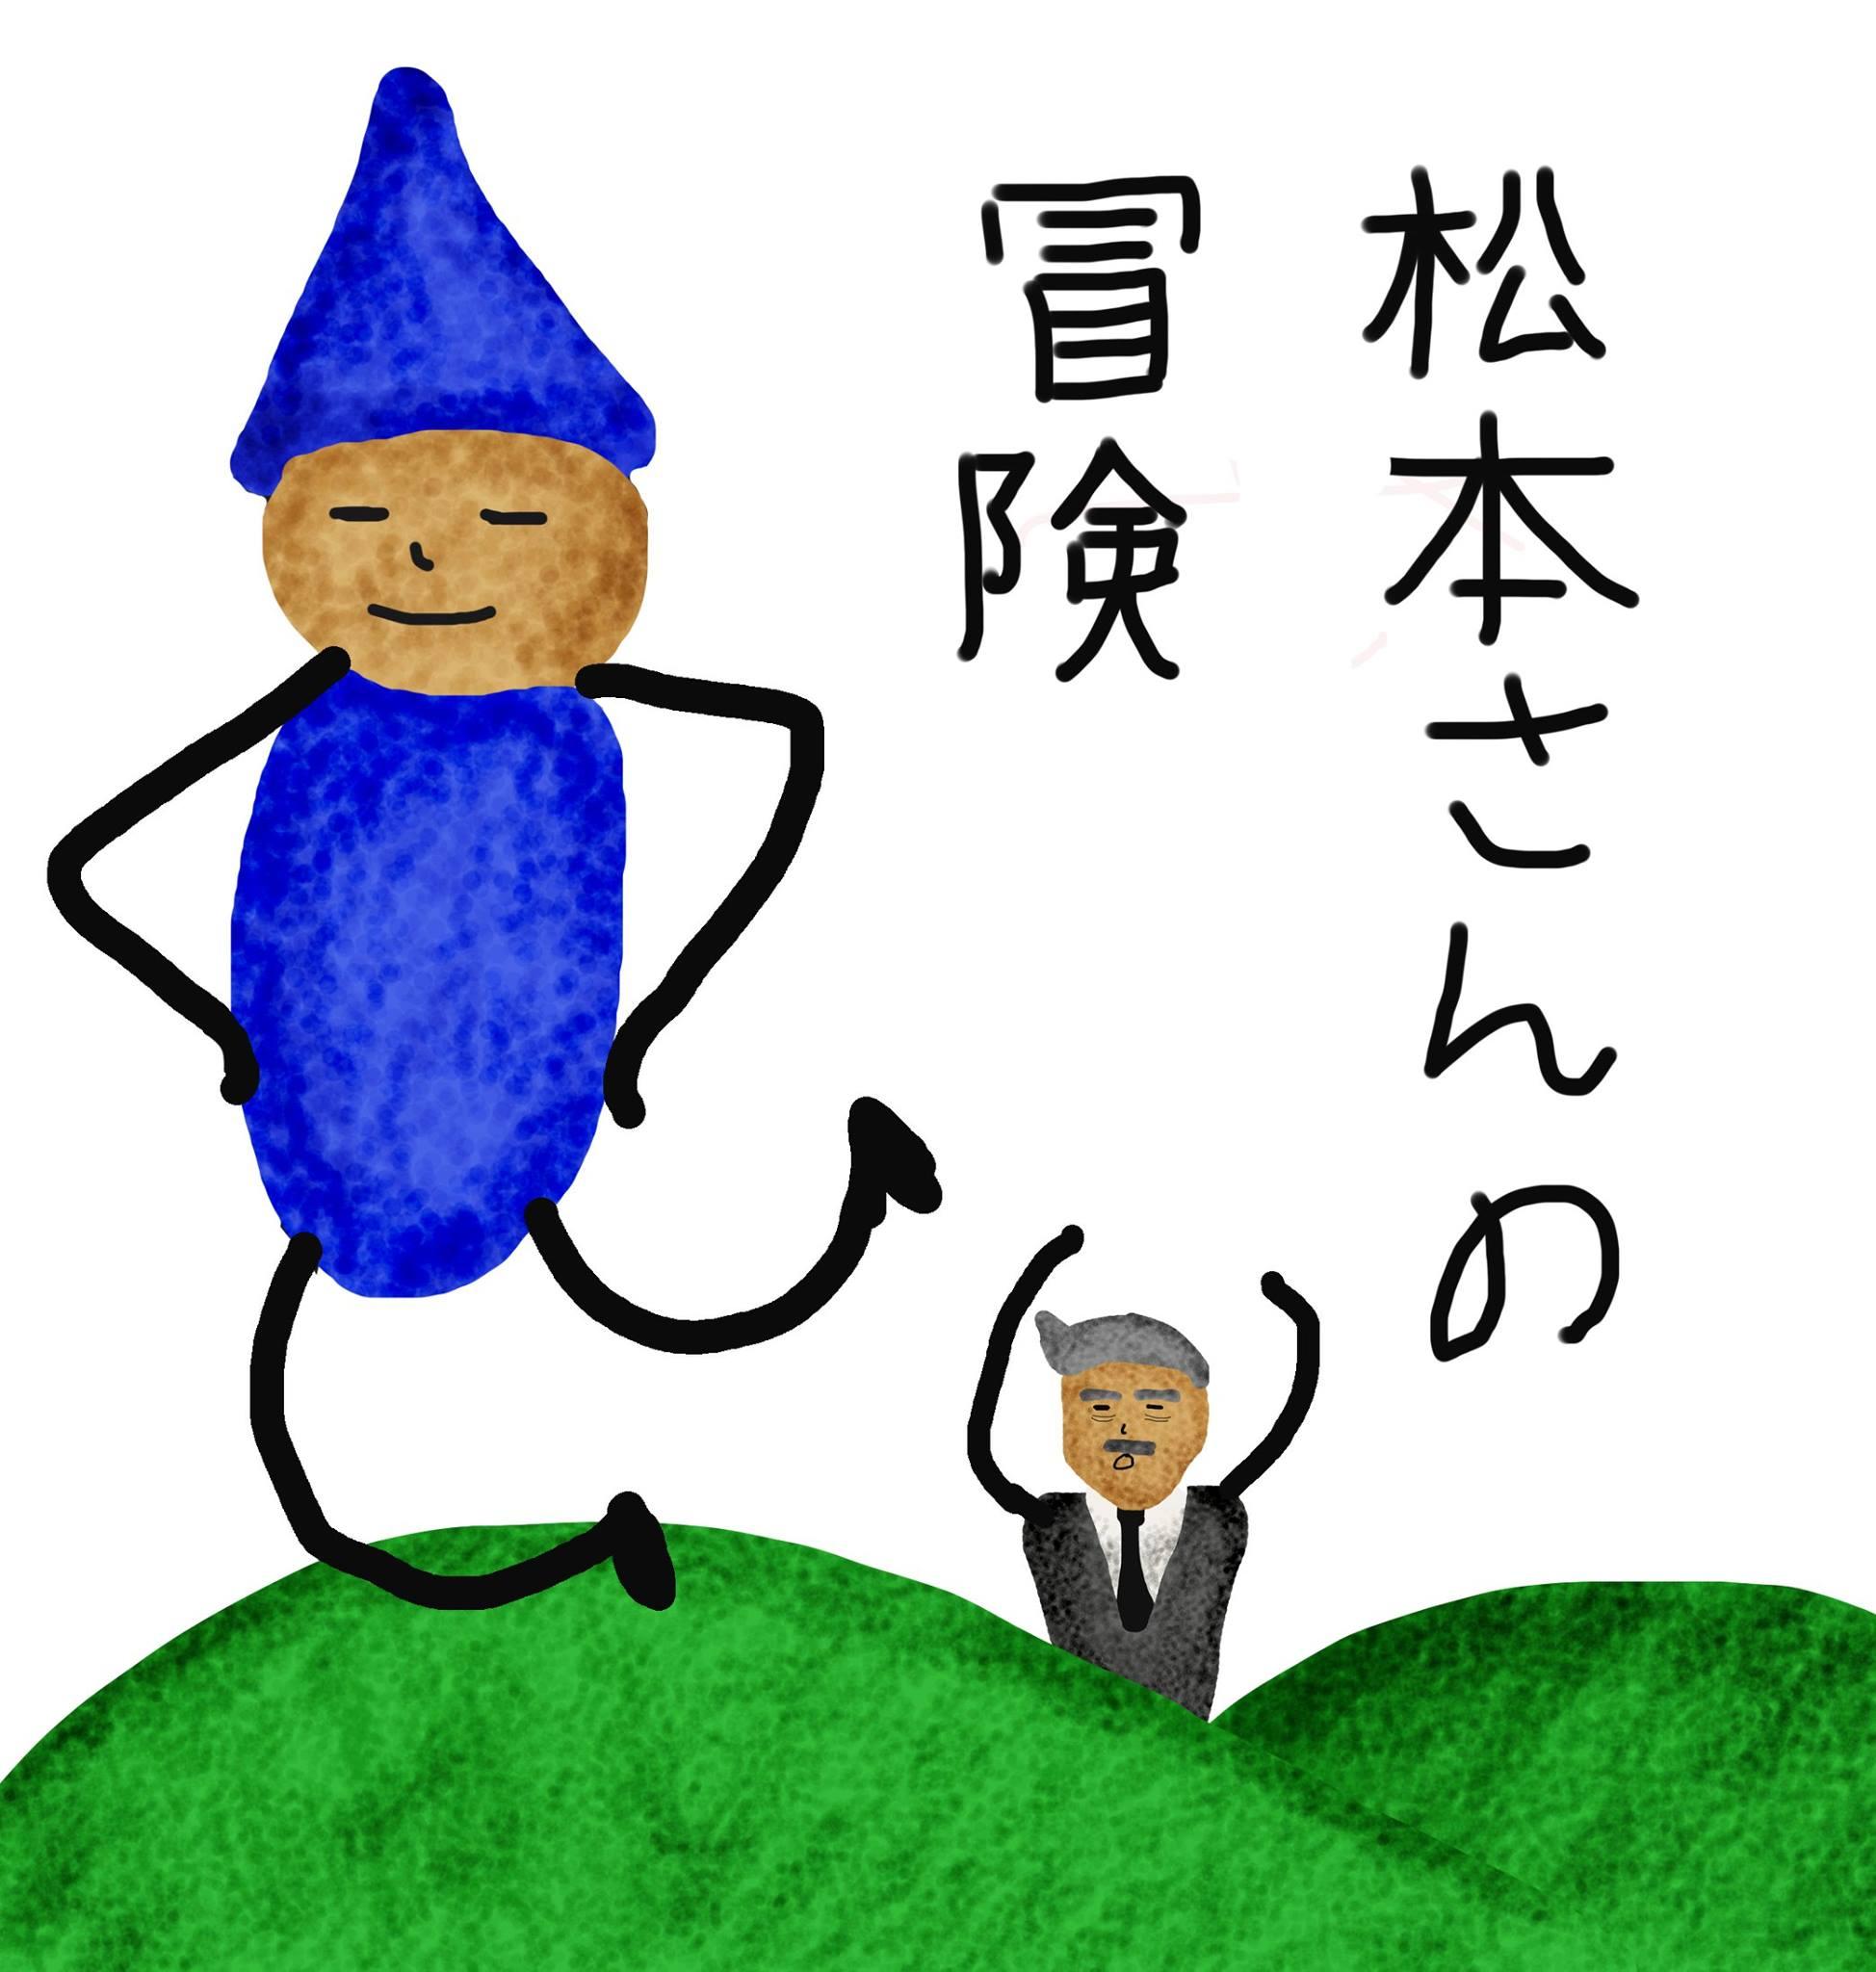 松本さん、過去を見た